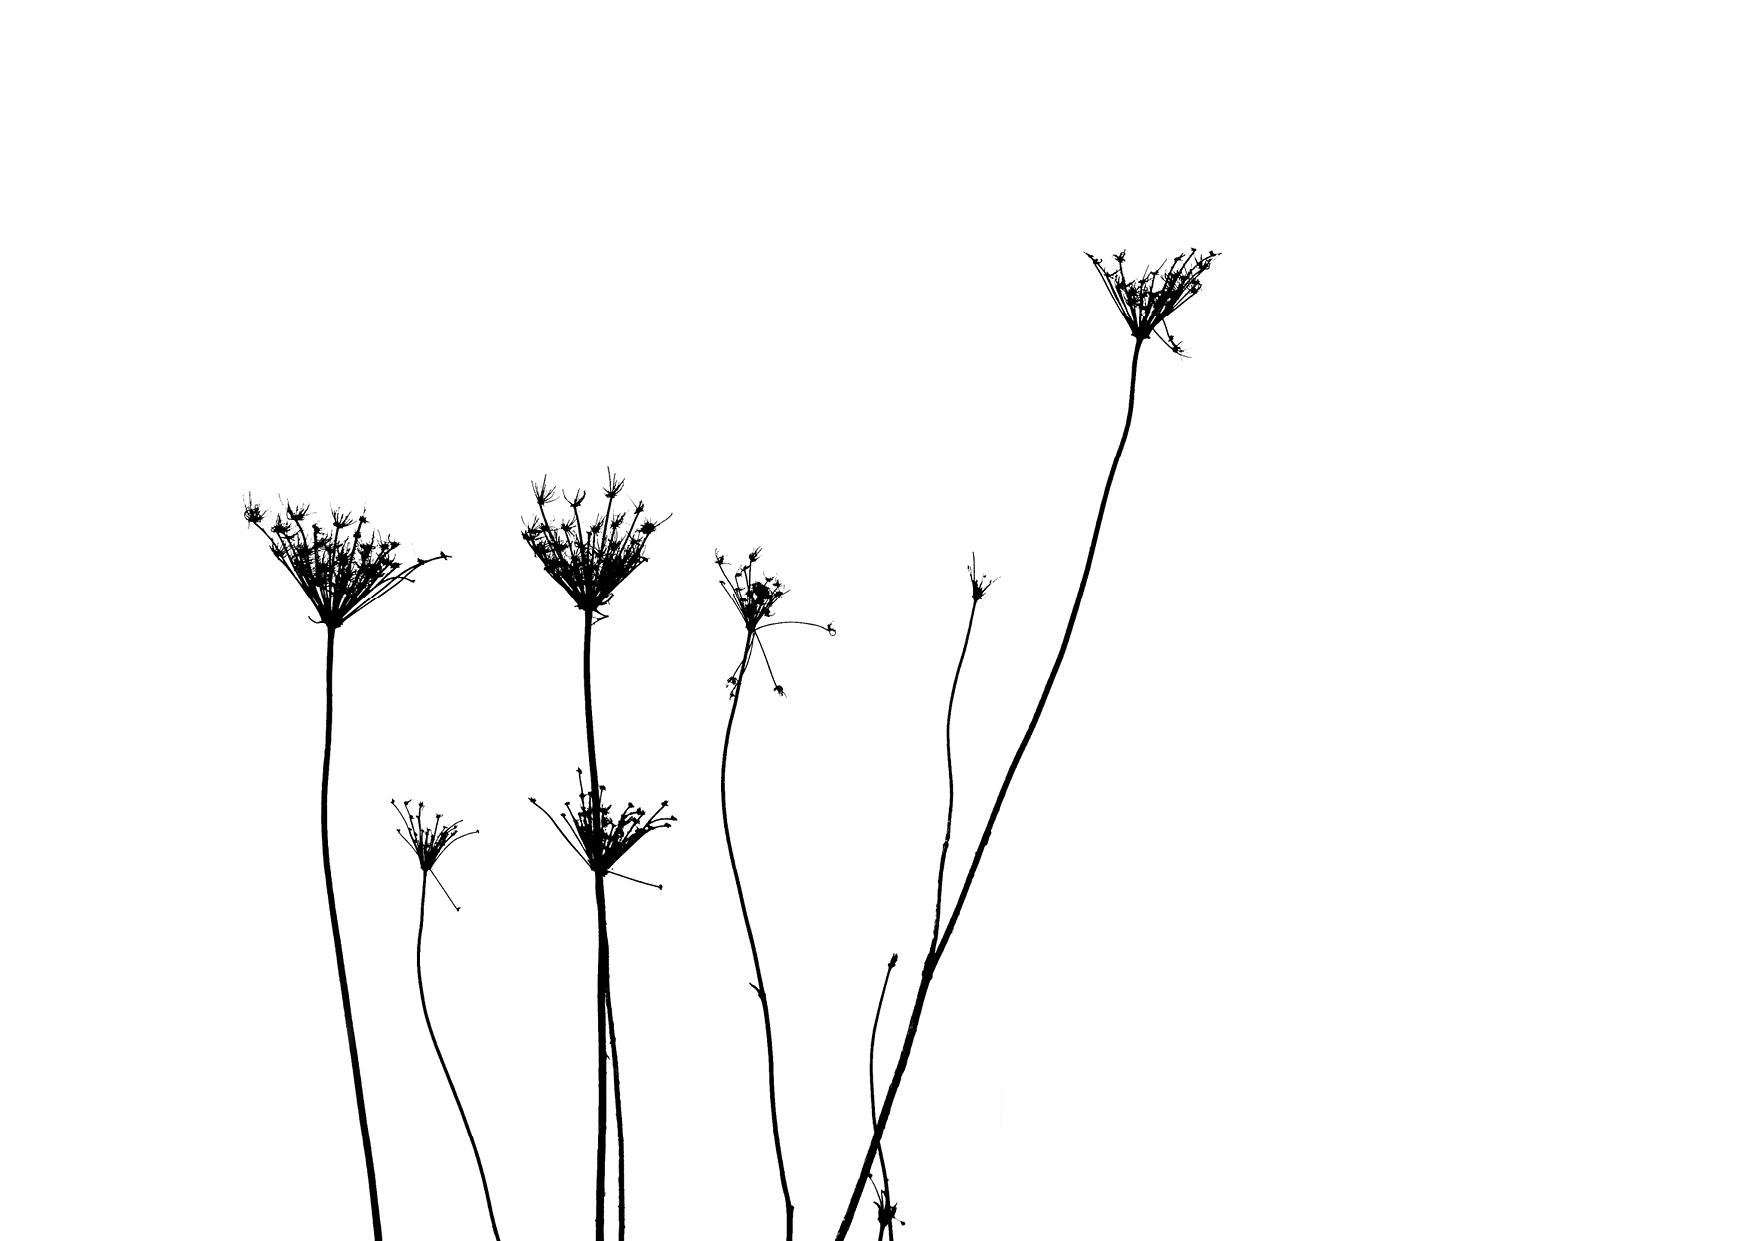 Bettina Lindenberg Postkarten schwarz-weiß Natur Fotokunst Kunstpostkarten, Deko, Wilde Möhre